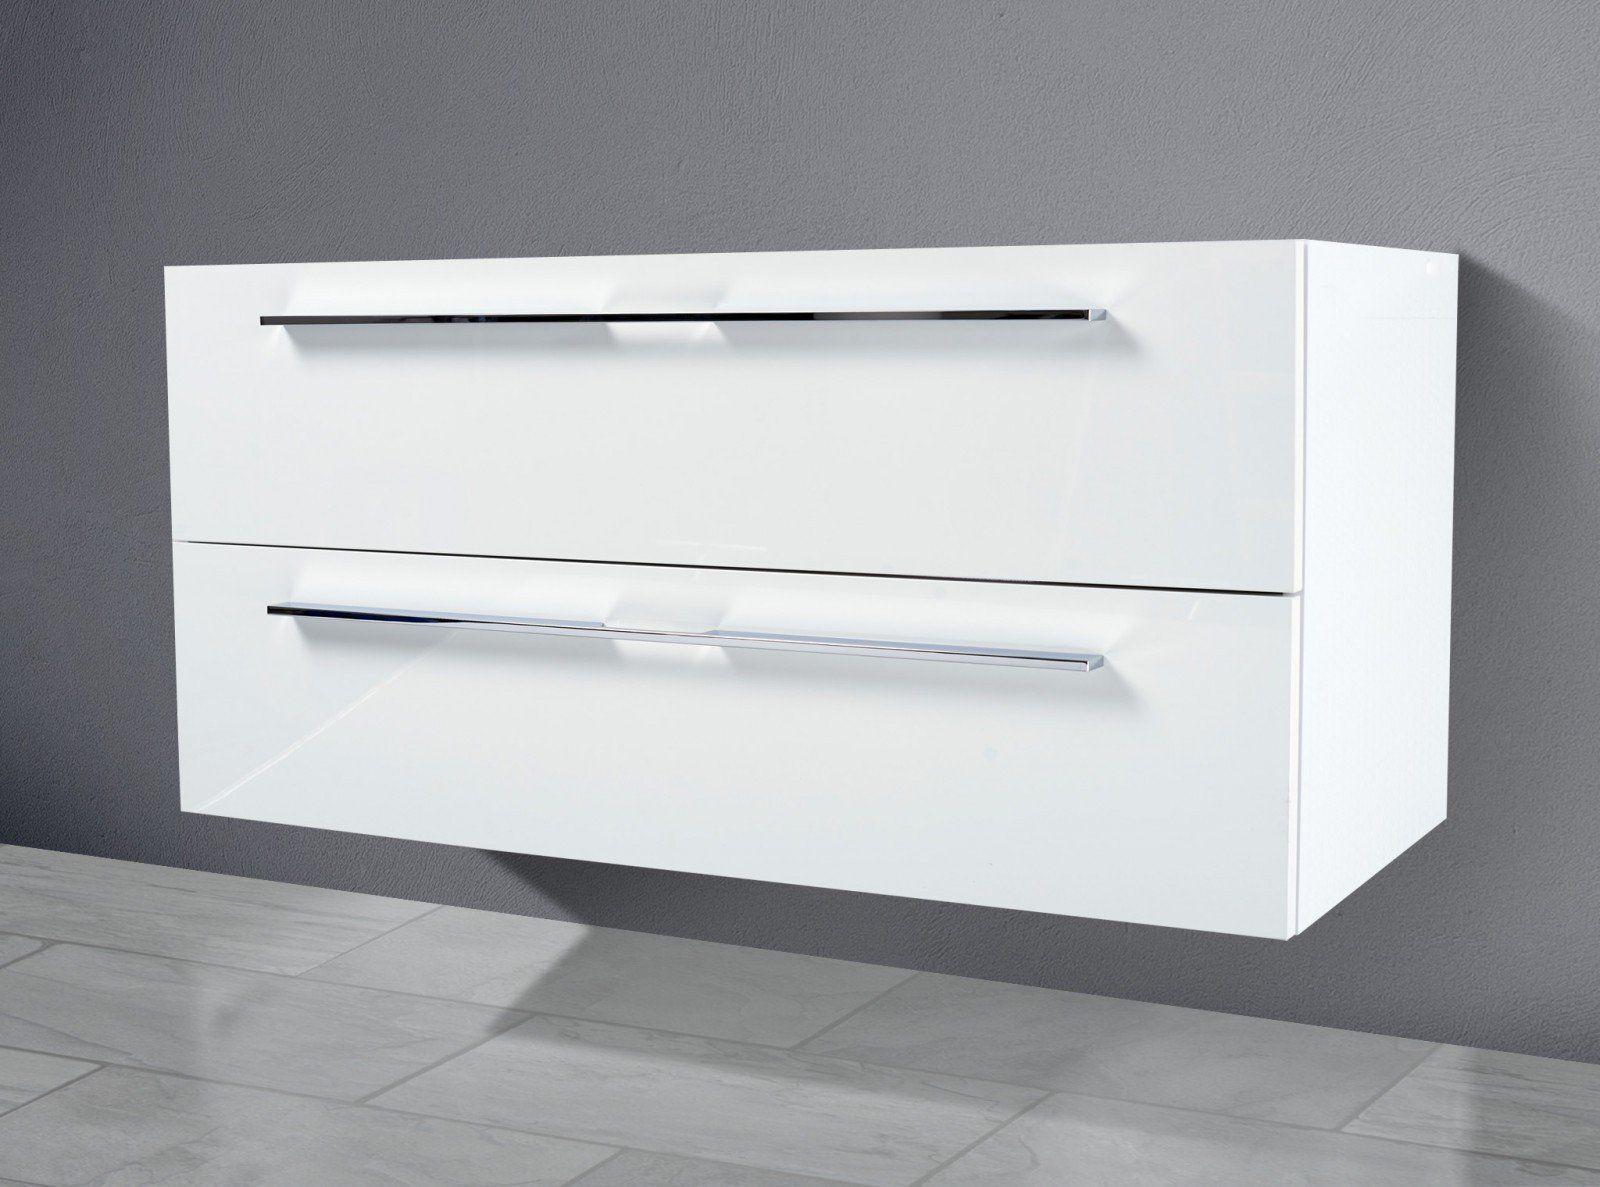 Designbaeder Com Waschtischunterschrank Waschbeckenunterschrank Unterschrank